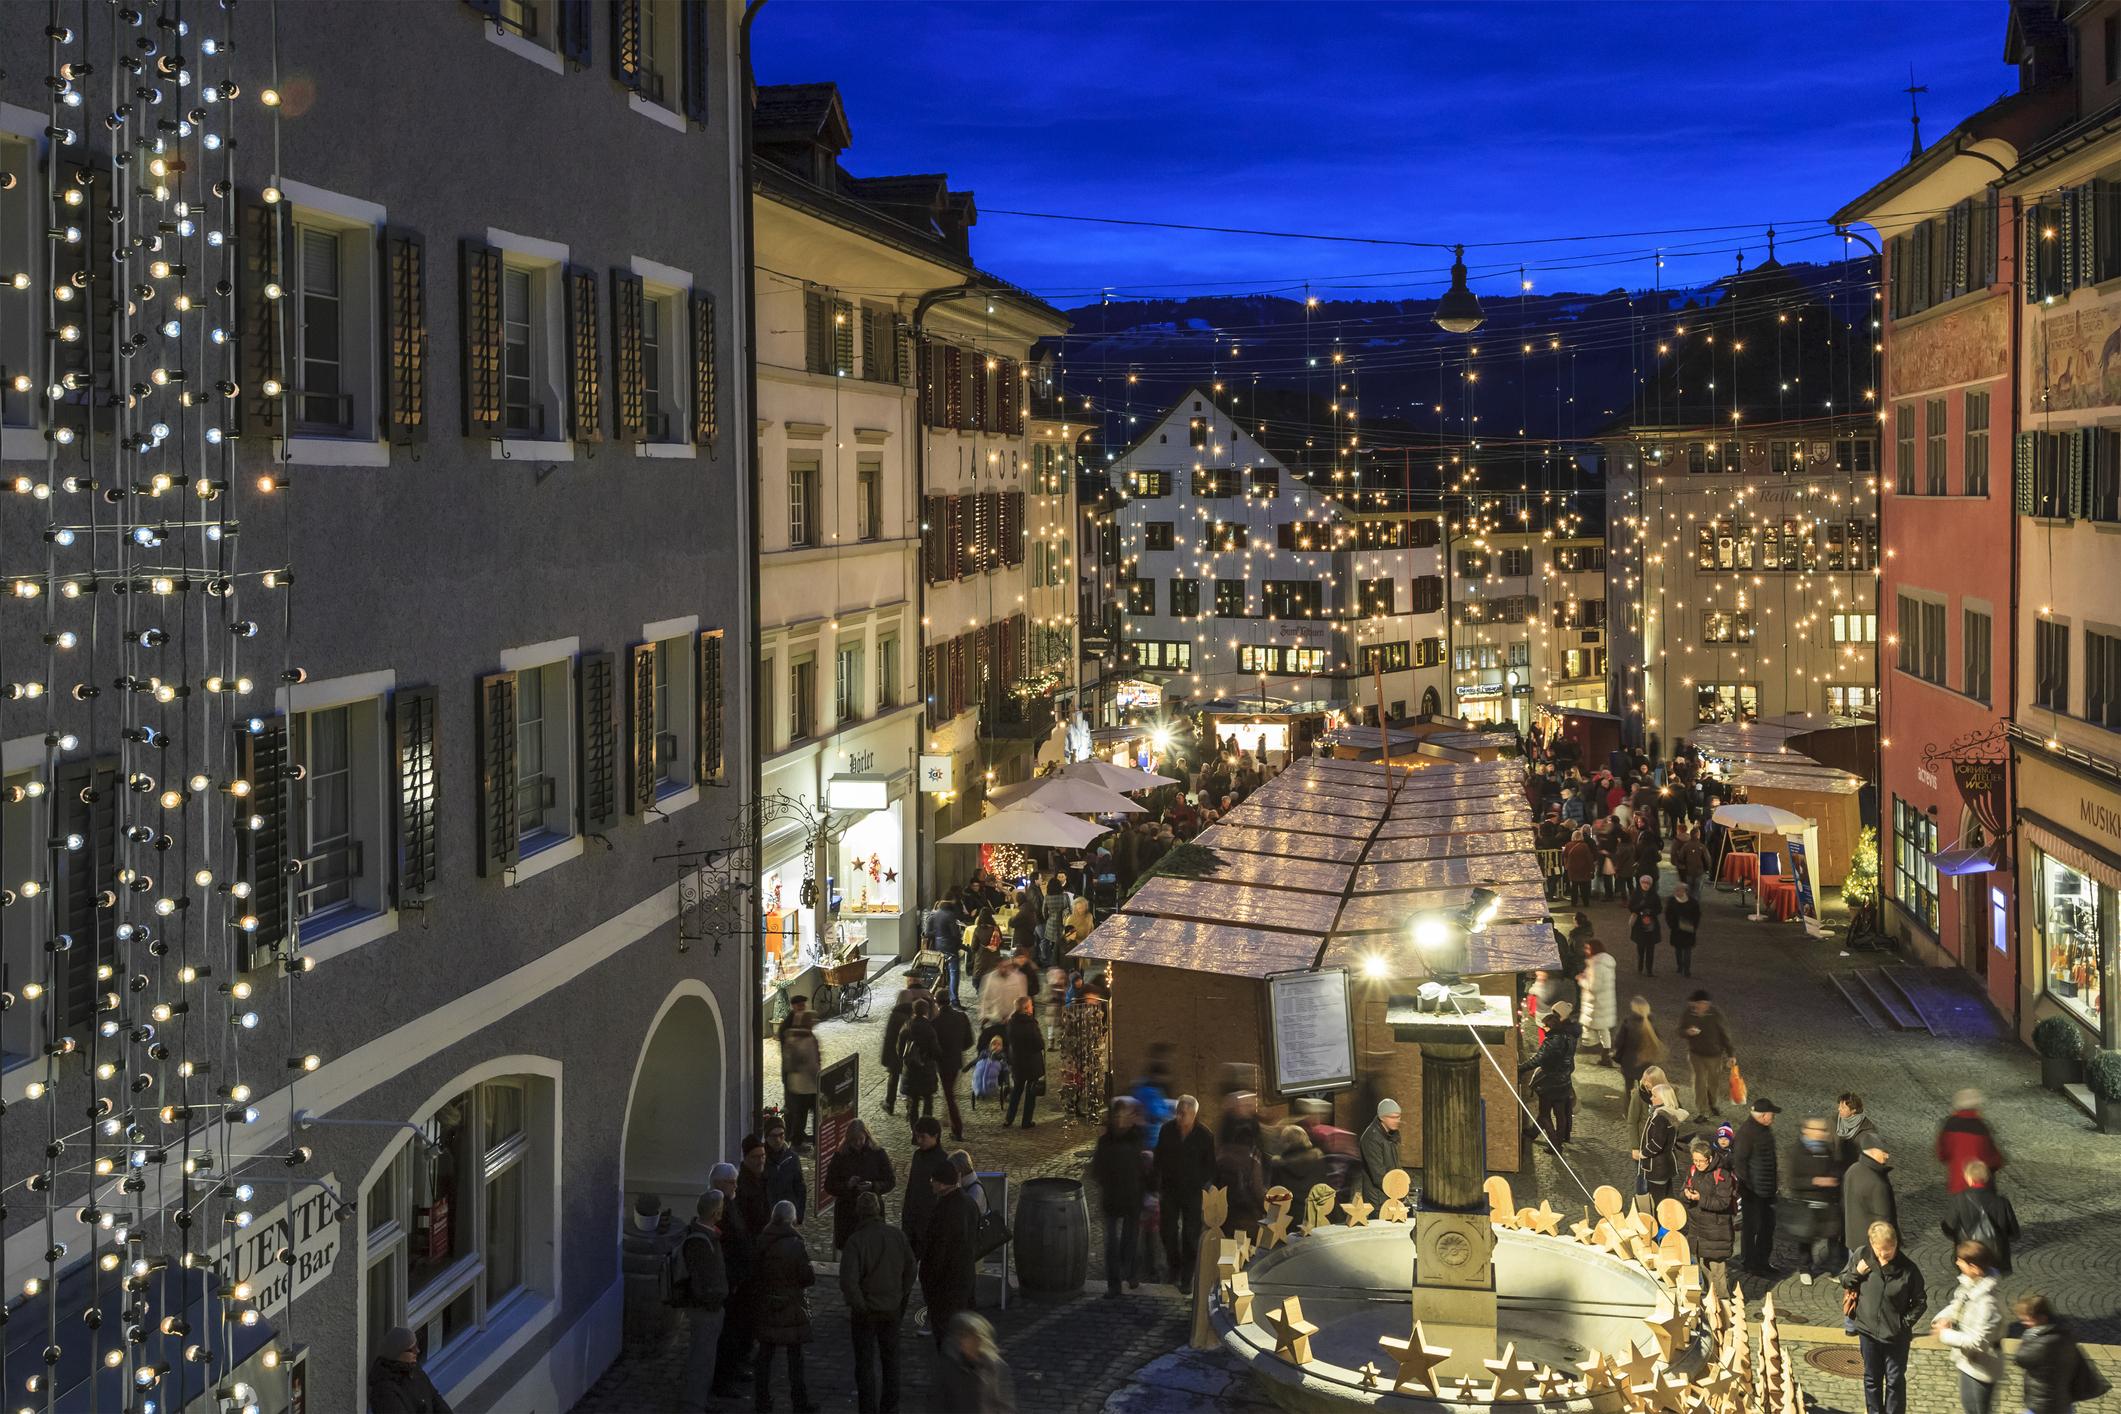 Rapperswil Jona At Christmas, Switzerland